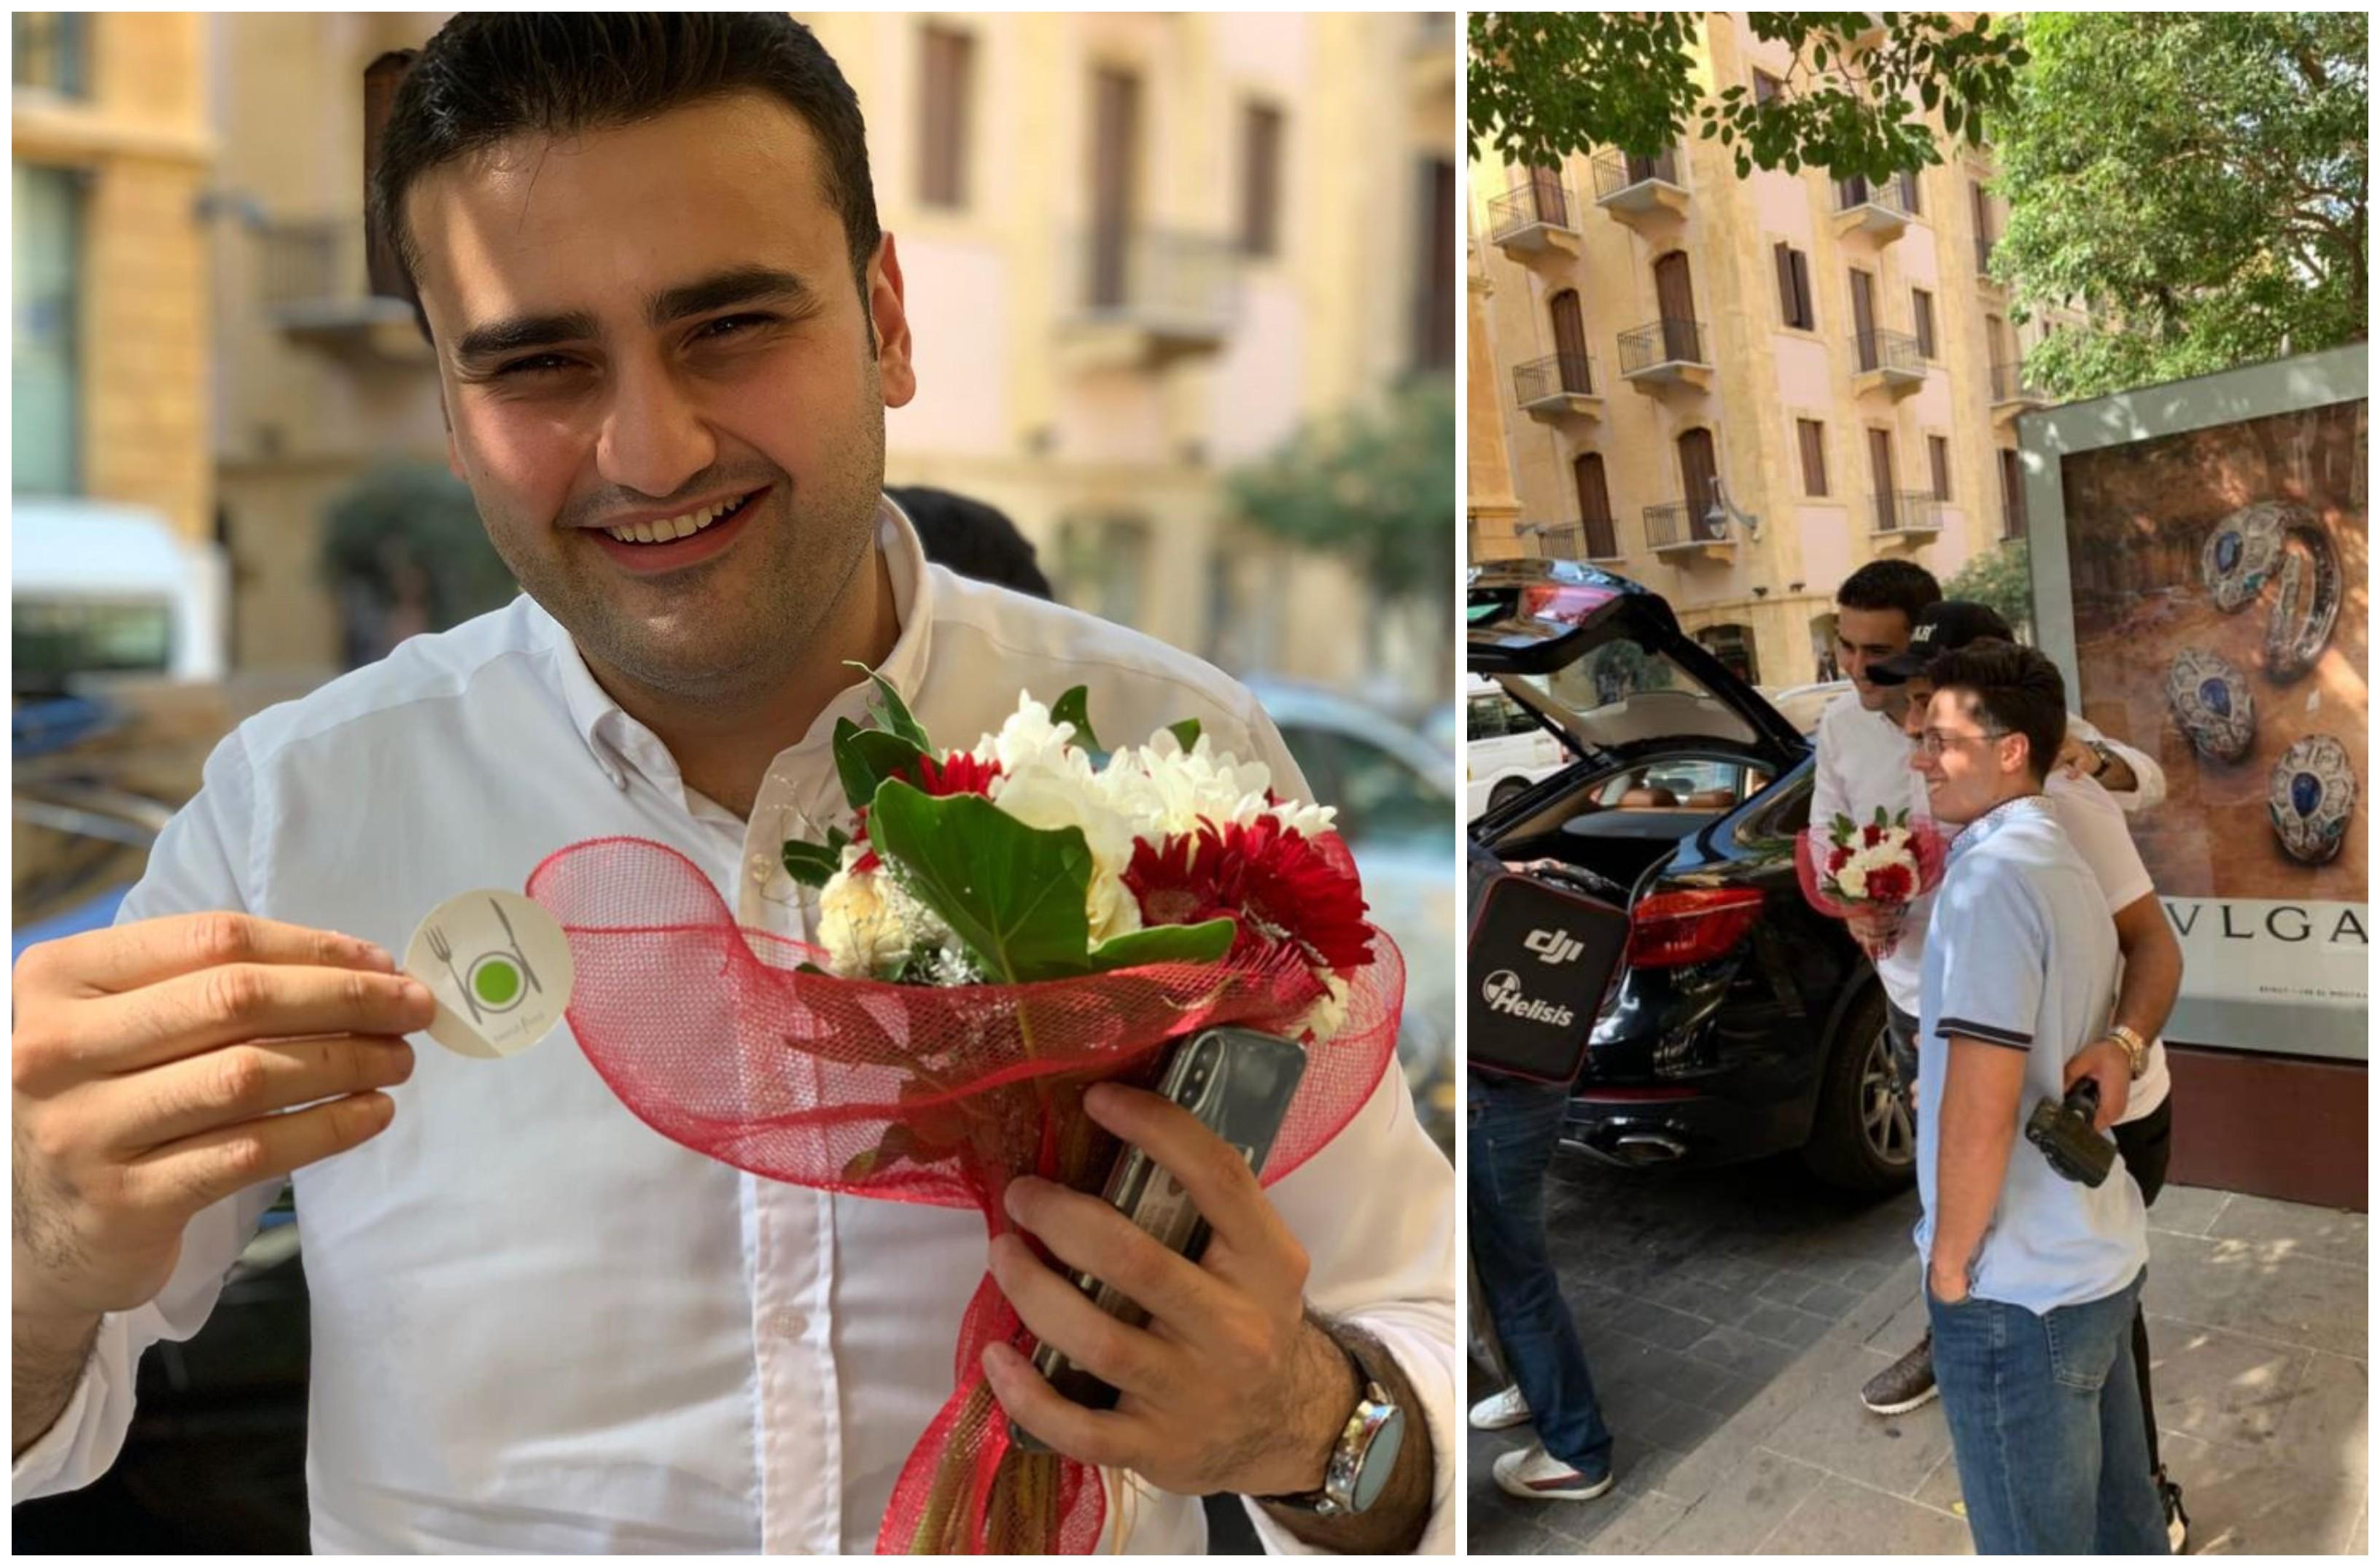 """بالصور والفيديو/ محبوب الجماهير الشيف """"بوراك"""" التركي وصل إلى بيروت في جولة على المطابخ اللبنانية"""